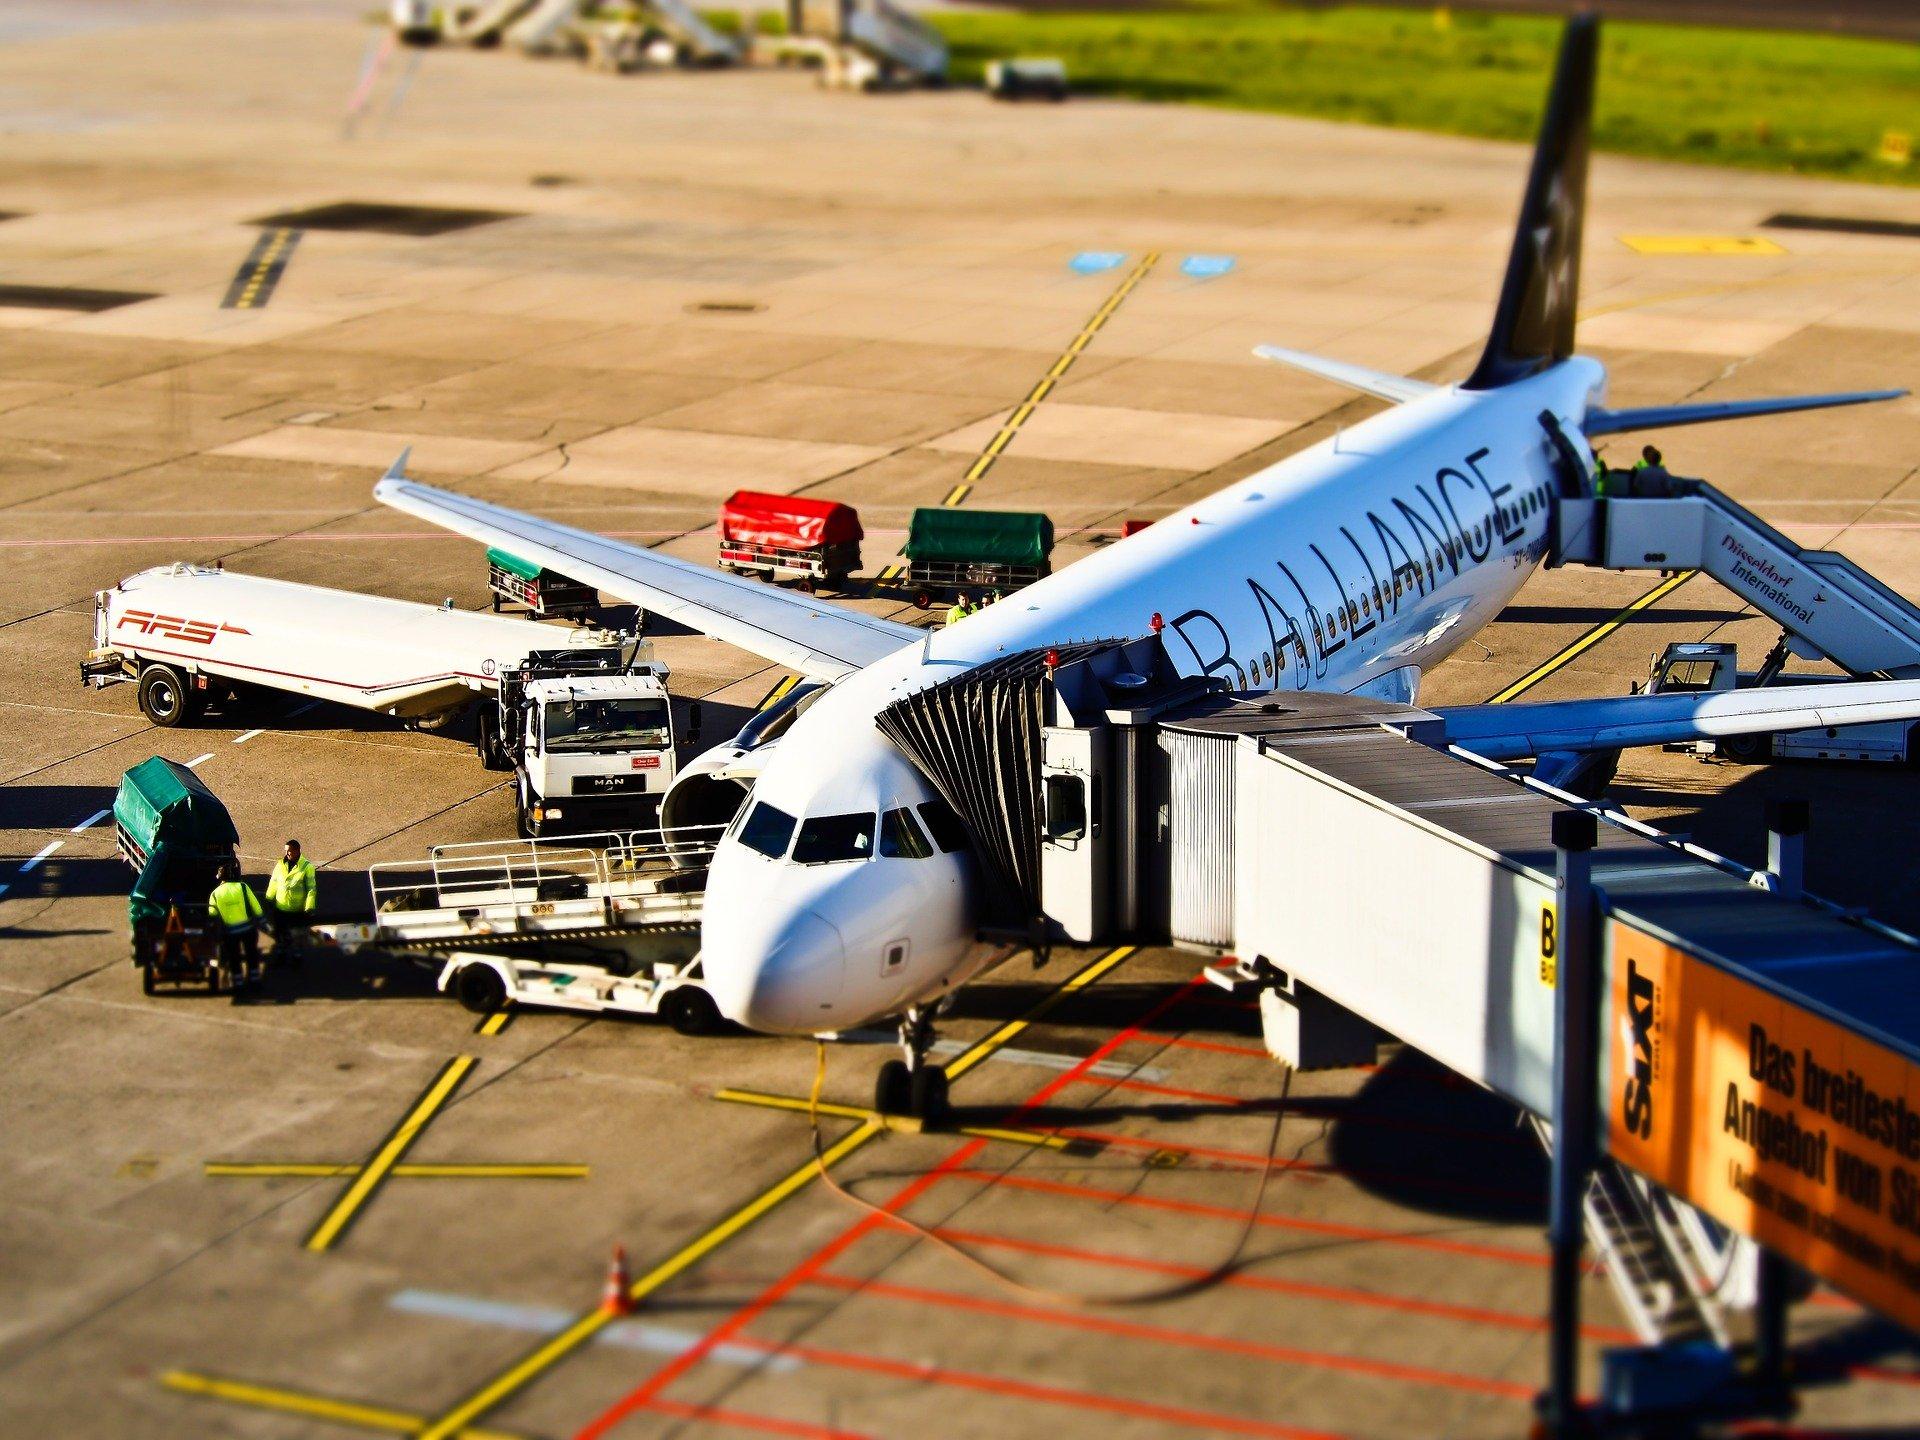 Ohne Notlandung: iPhone 6 geht im Flugzeug in Flammen auf 2